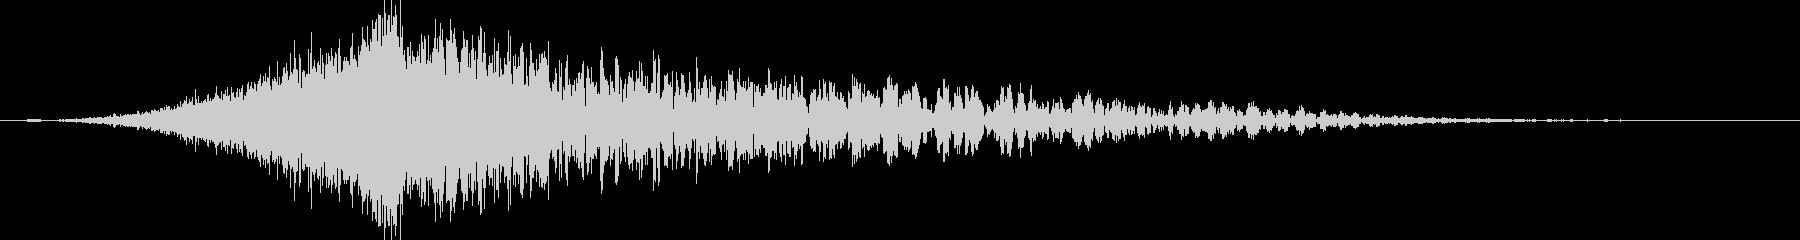 バーン:オープニングロゴなどの締めの音3の未再生の波形